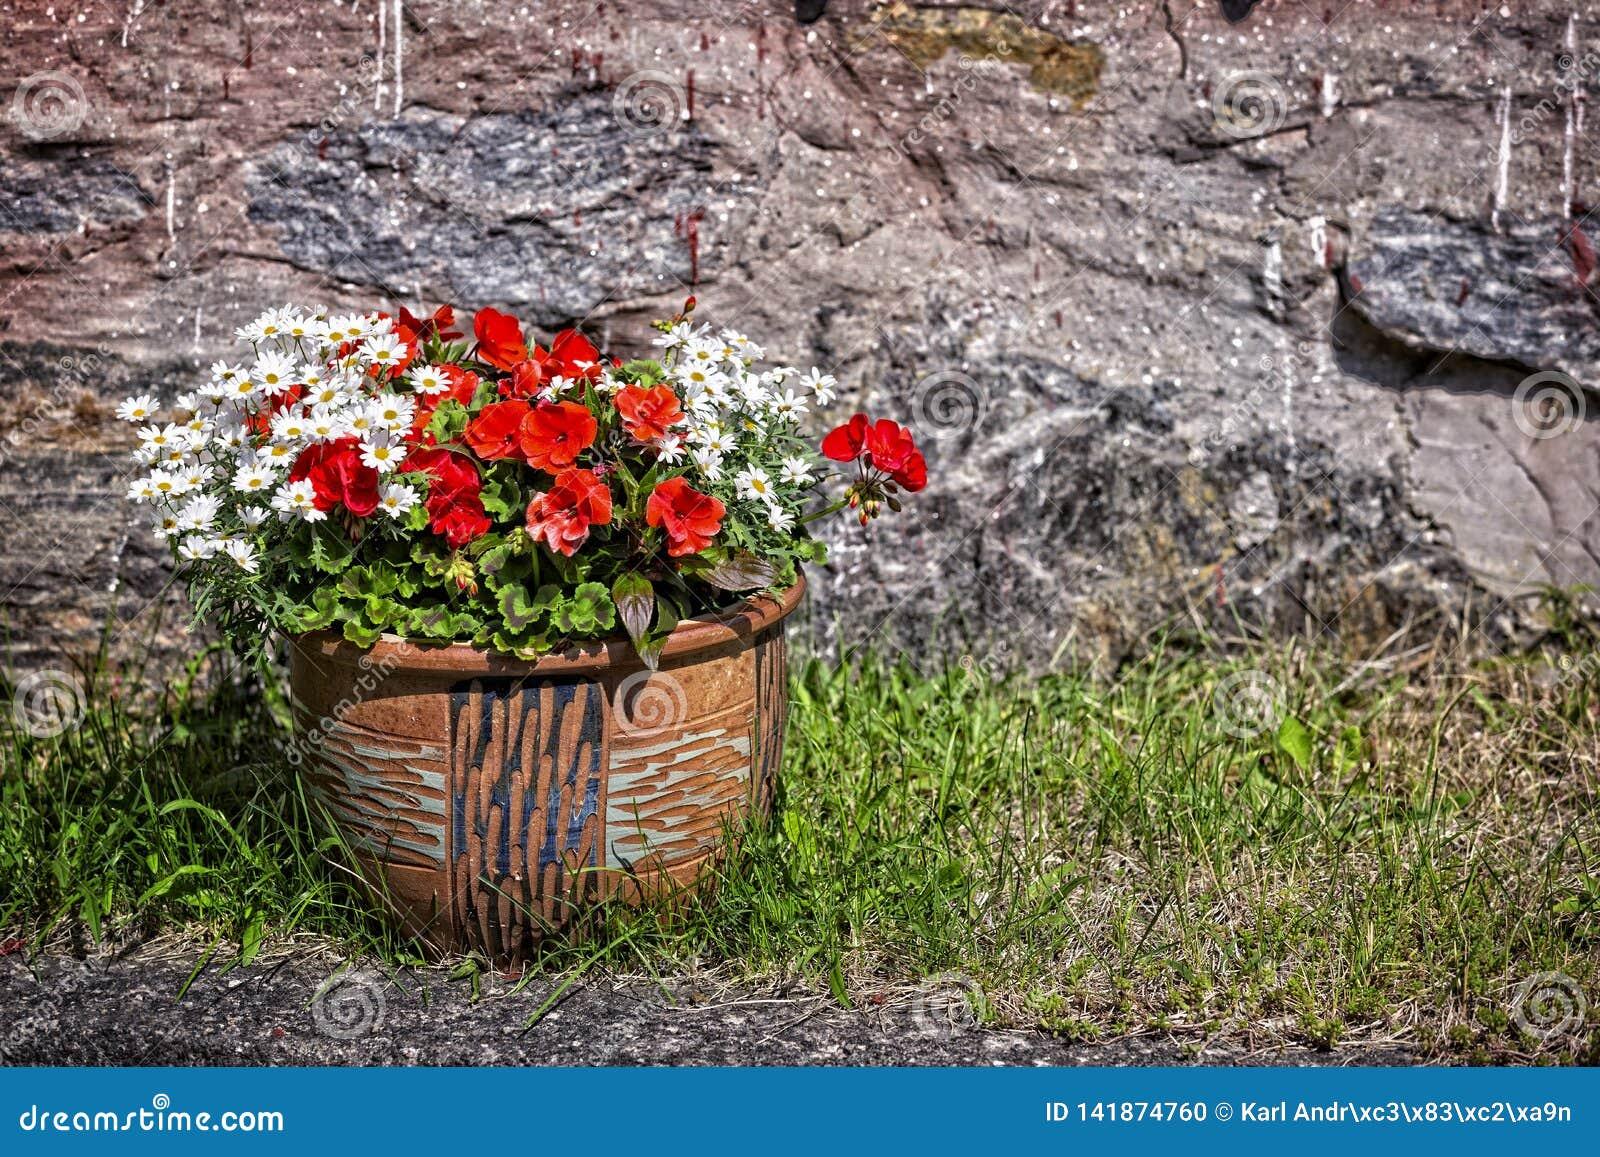 Θερινά λουλούδια σε ένα μεγάλο δοχείο